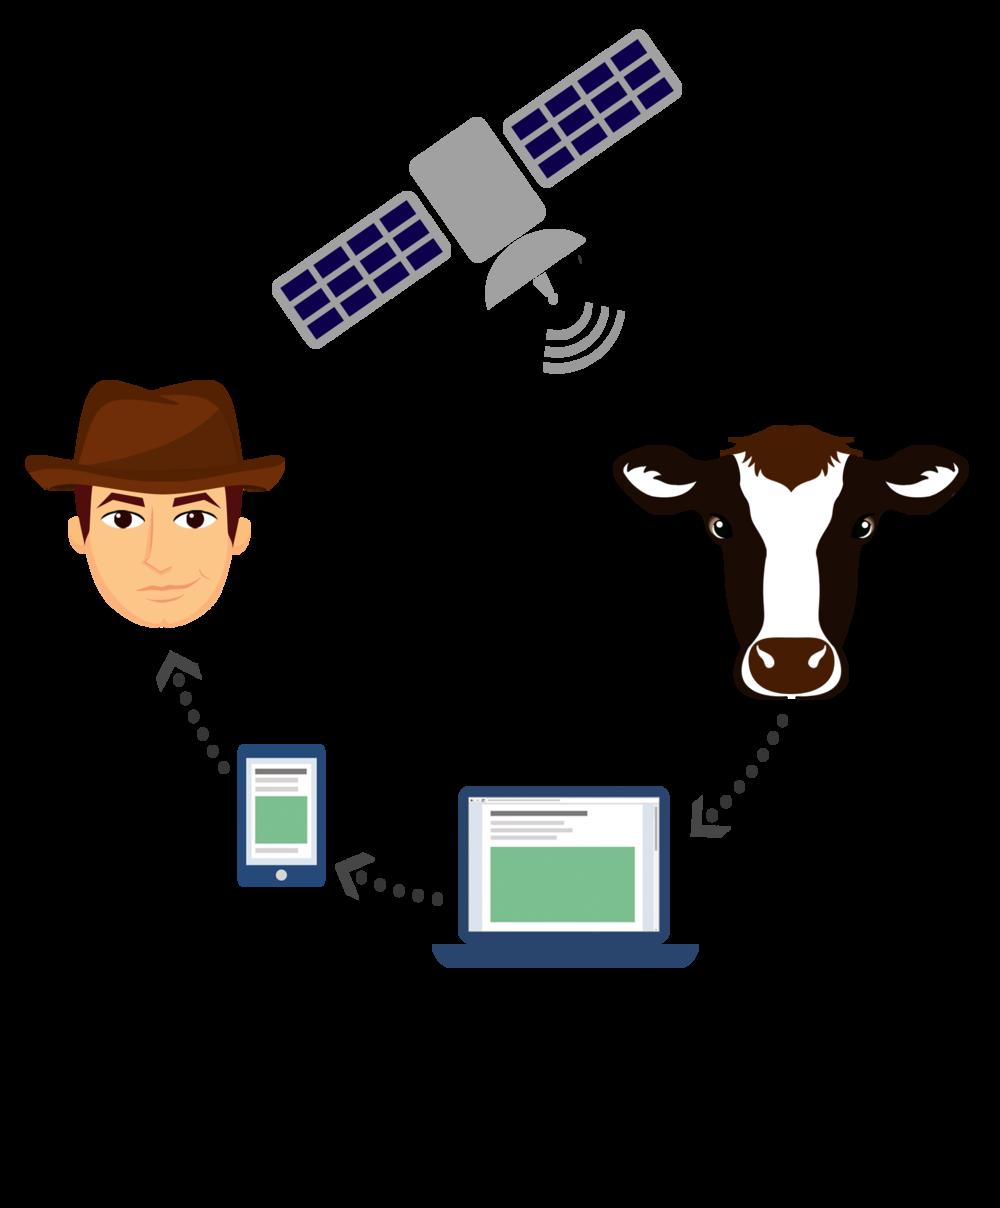 - El animal usa un dispositivo inteligente externo, que transmite información a nuestro servidor, para luego procesar y analizar esos datos recibidos.